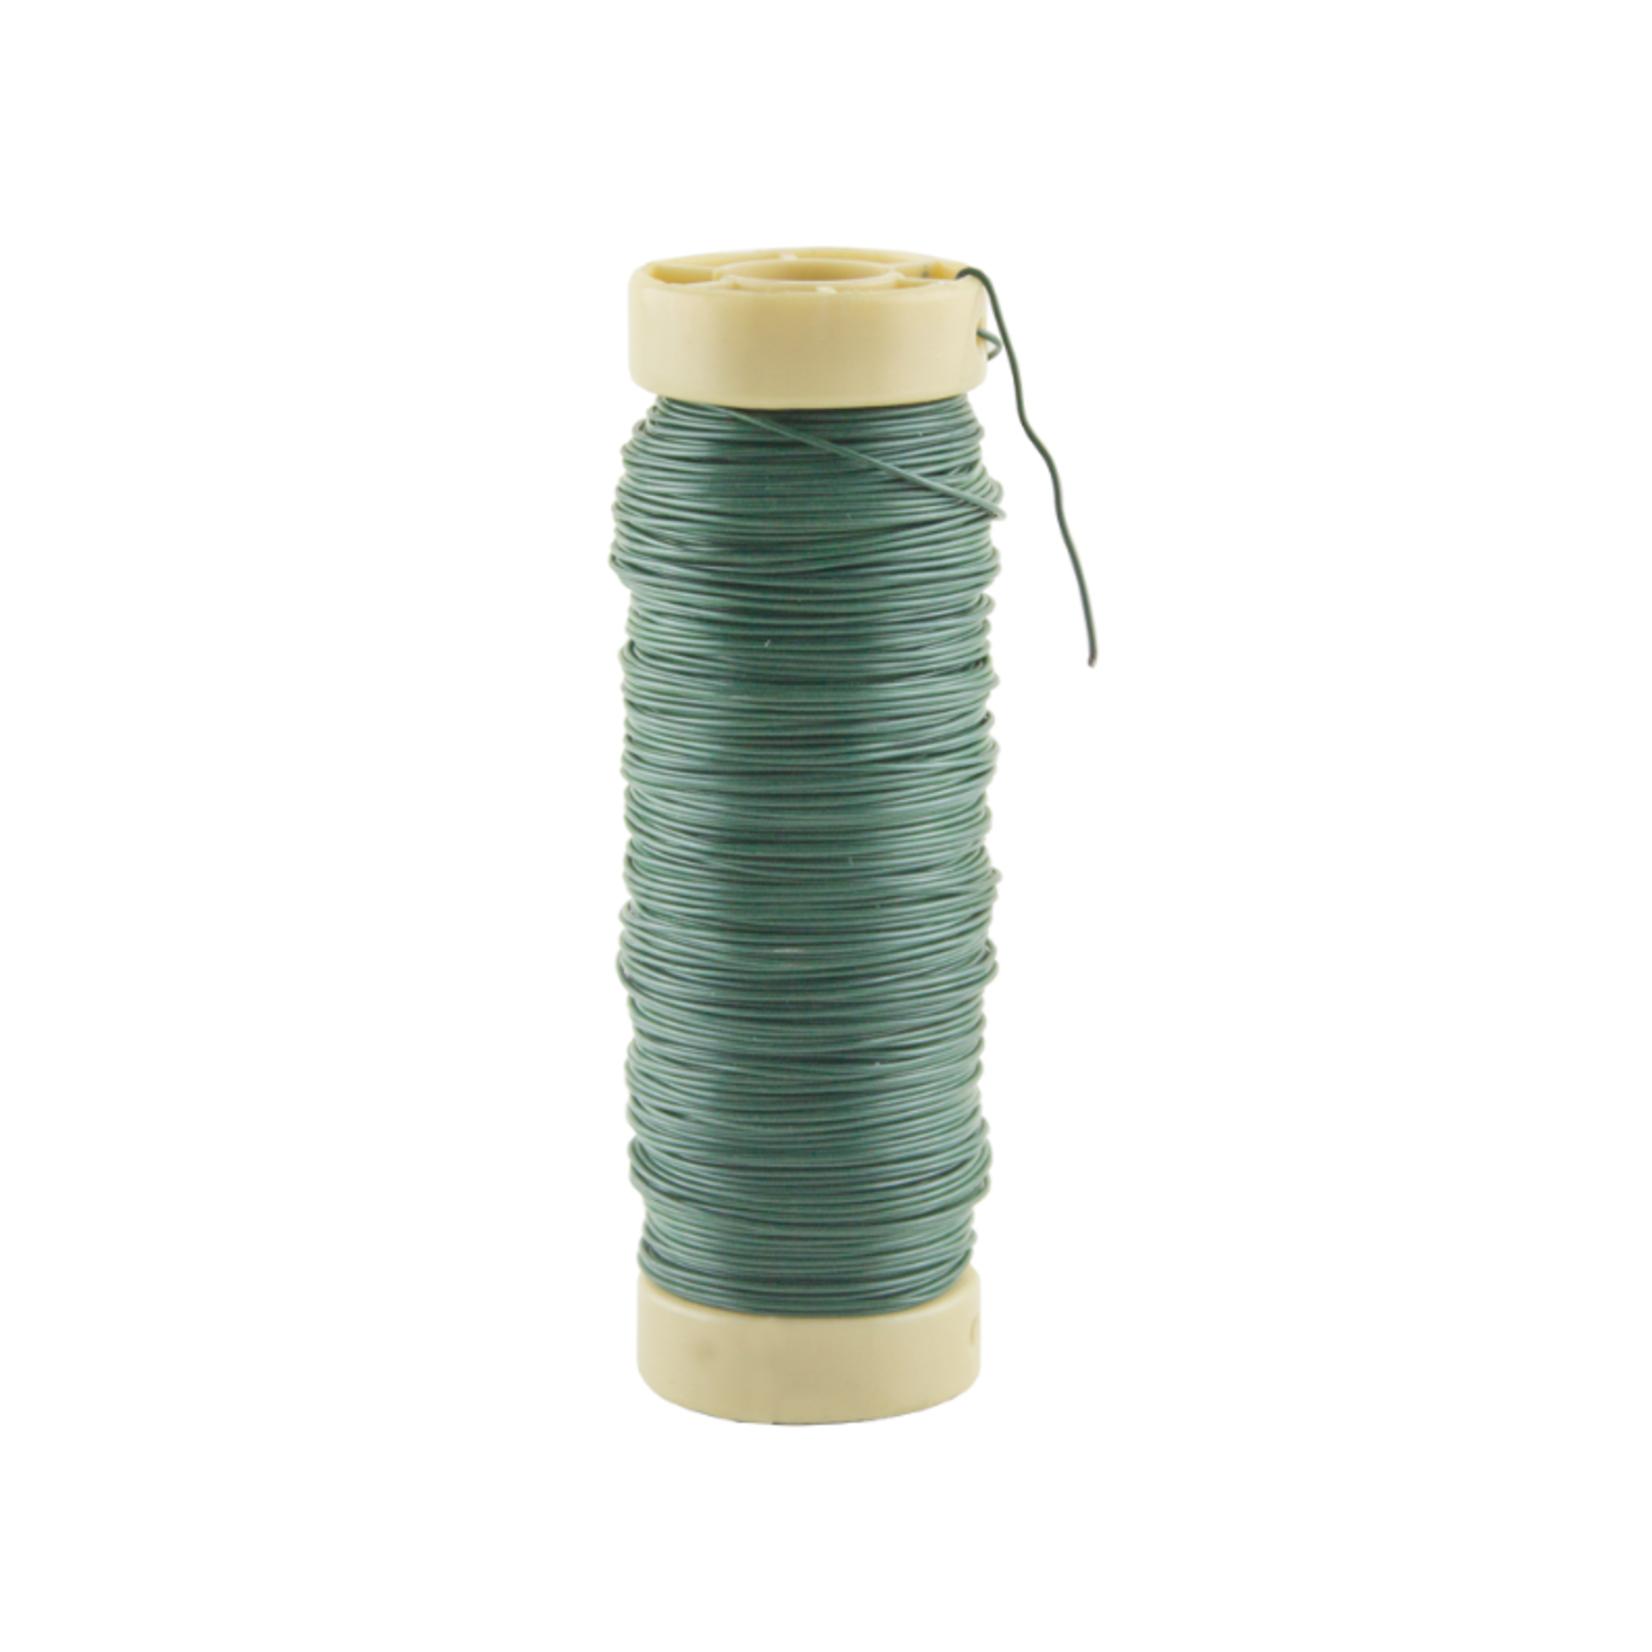 24g Gauge 1/2 lb Spool Wire